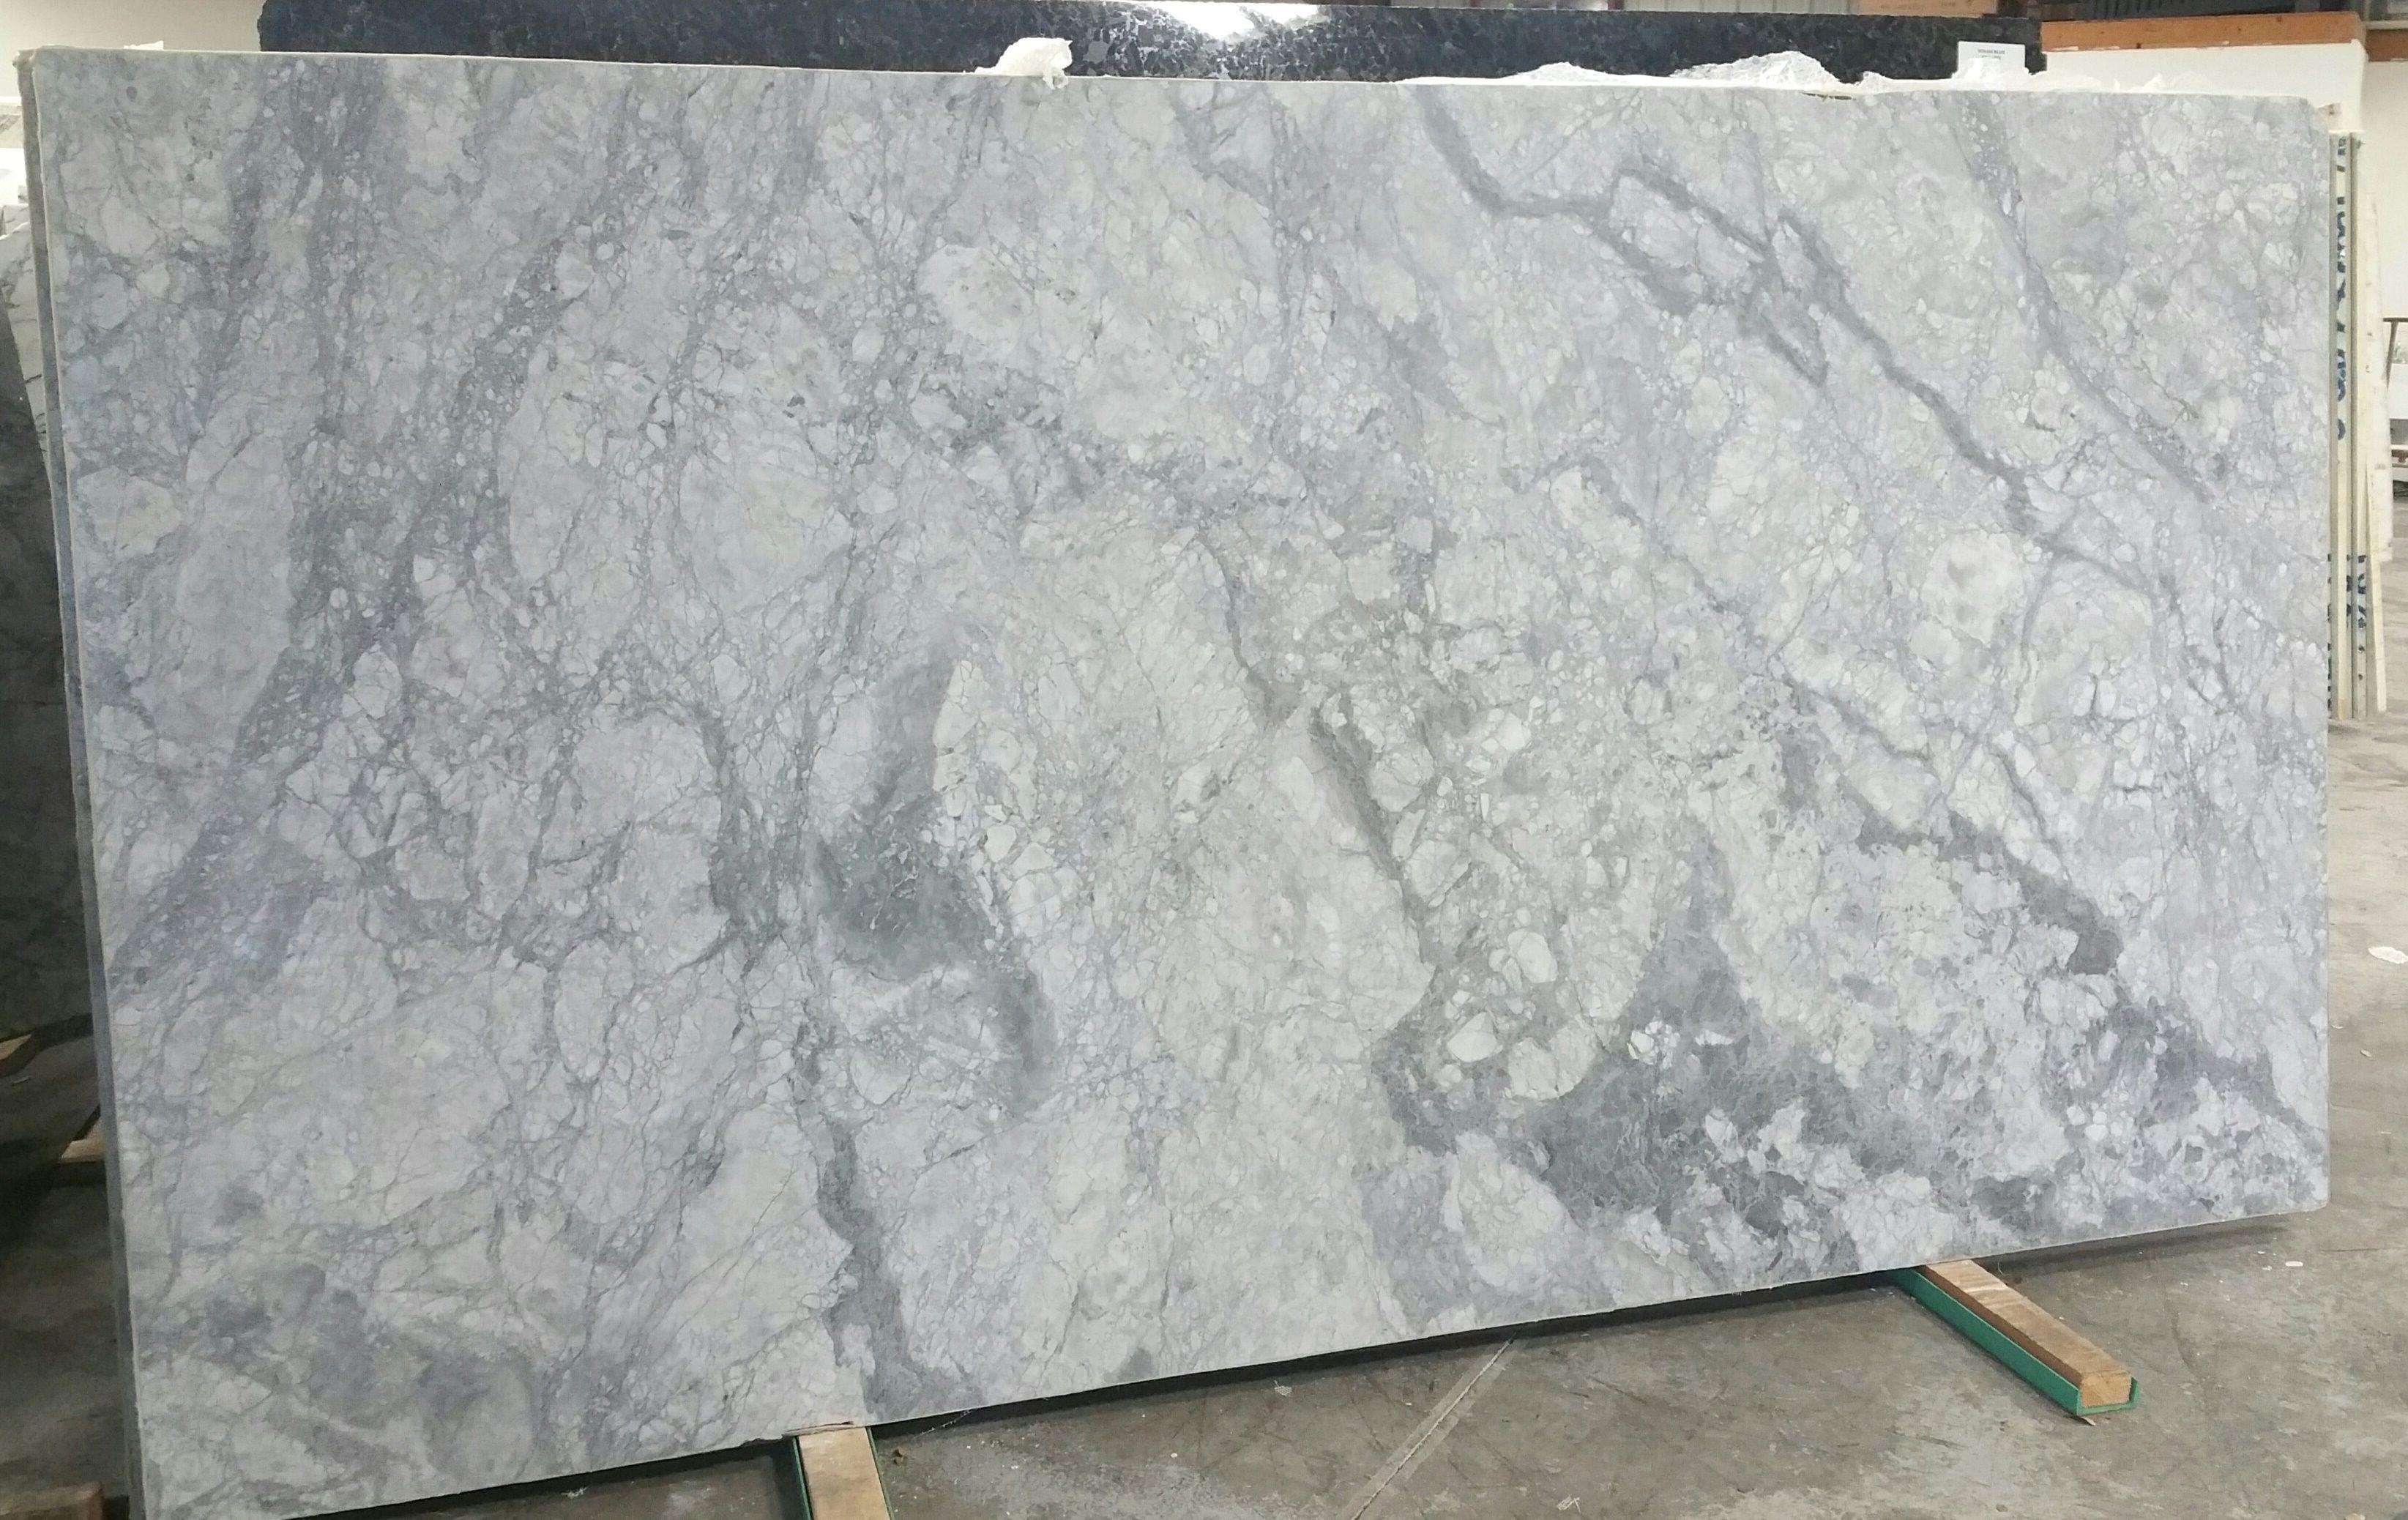 Is Super White Granite Or Quartzite